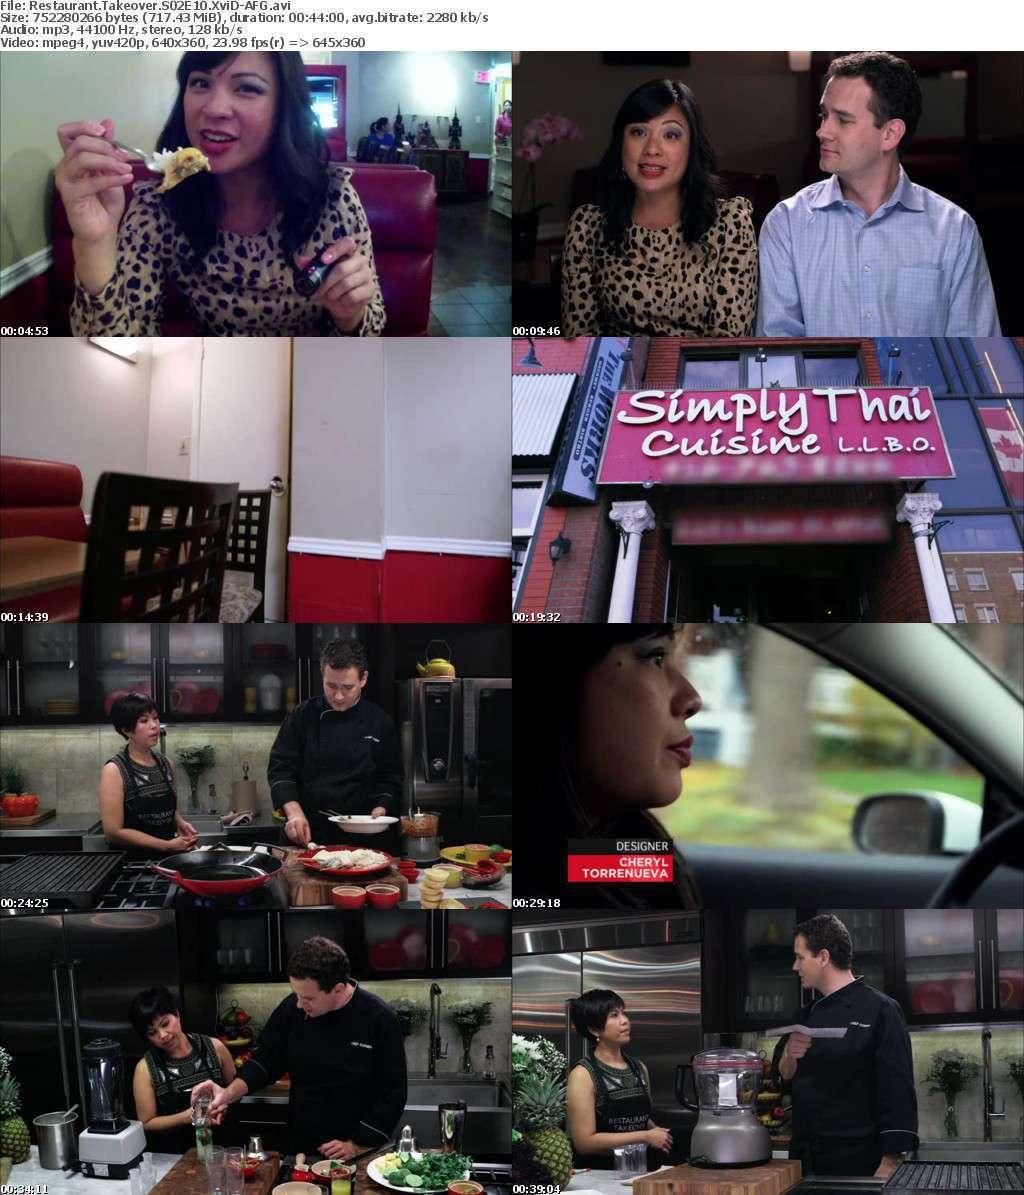 Restaurant Takeover S02E10 XviD-AFG